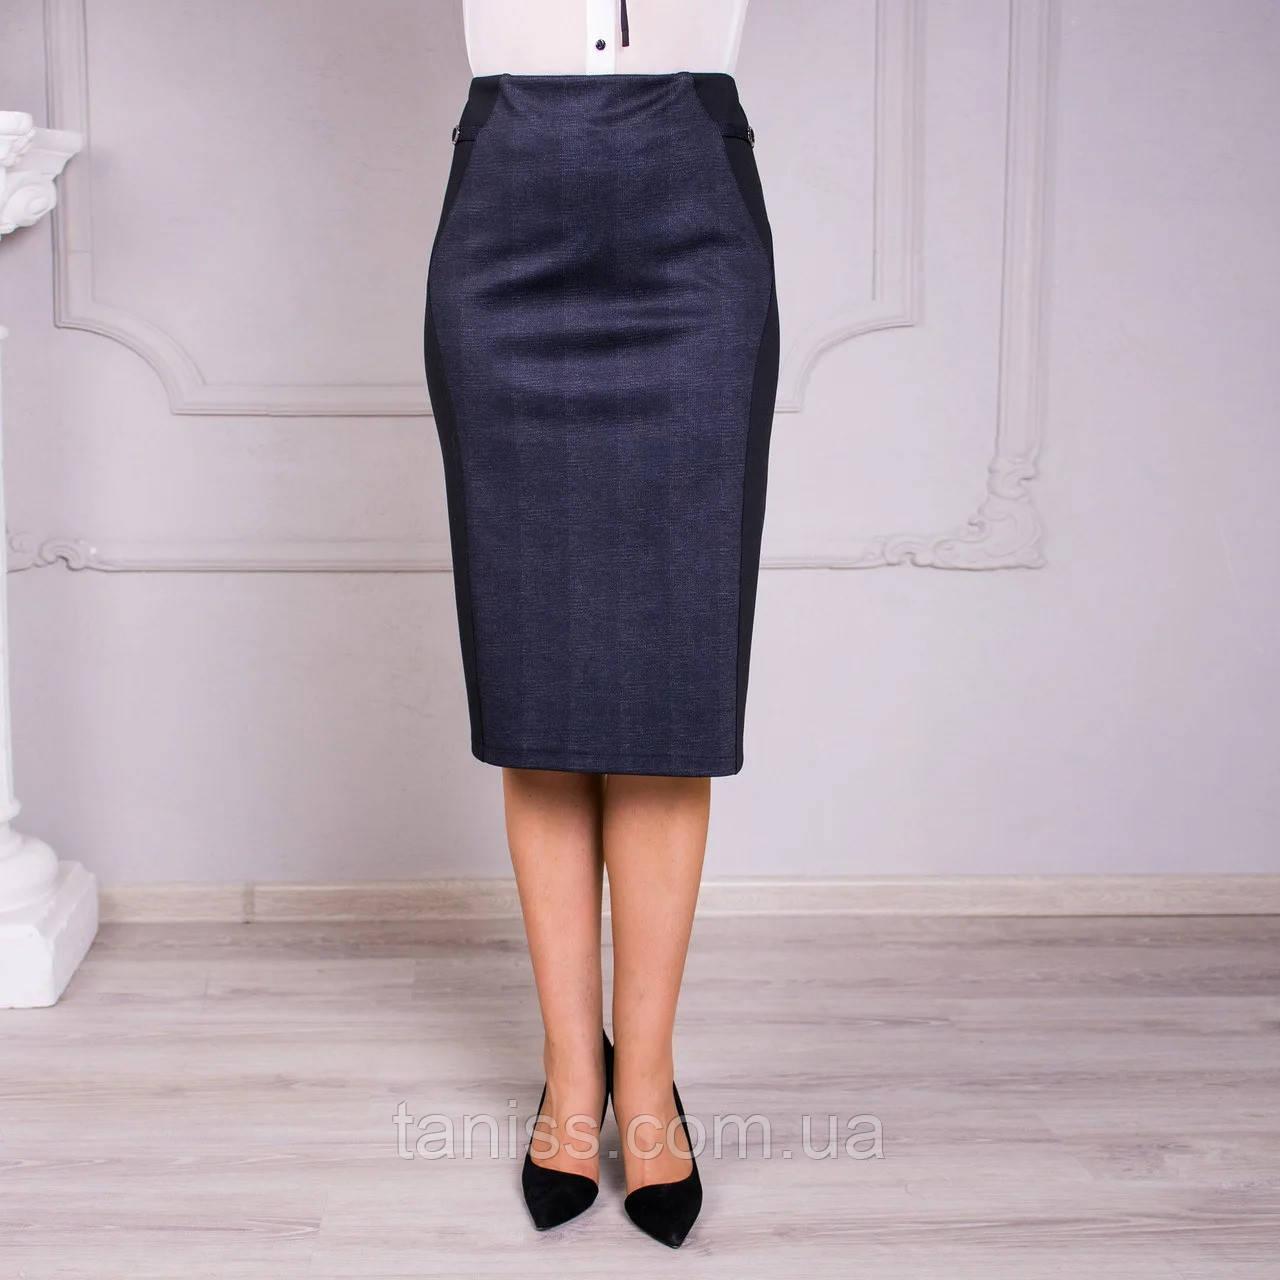 """Женская классическая юбка """" Абба №2 """", ткань трикотаж Алекс  , р-р  48,50,52,54,56,58, спідниця"""